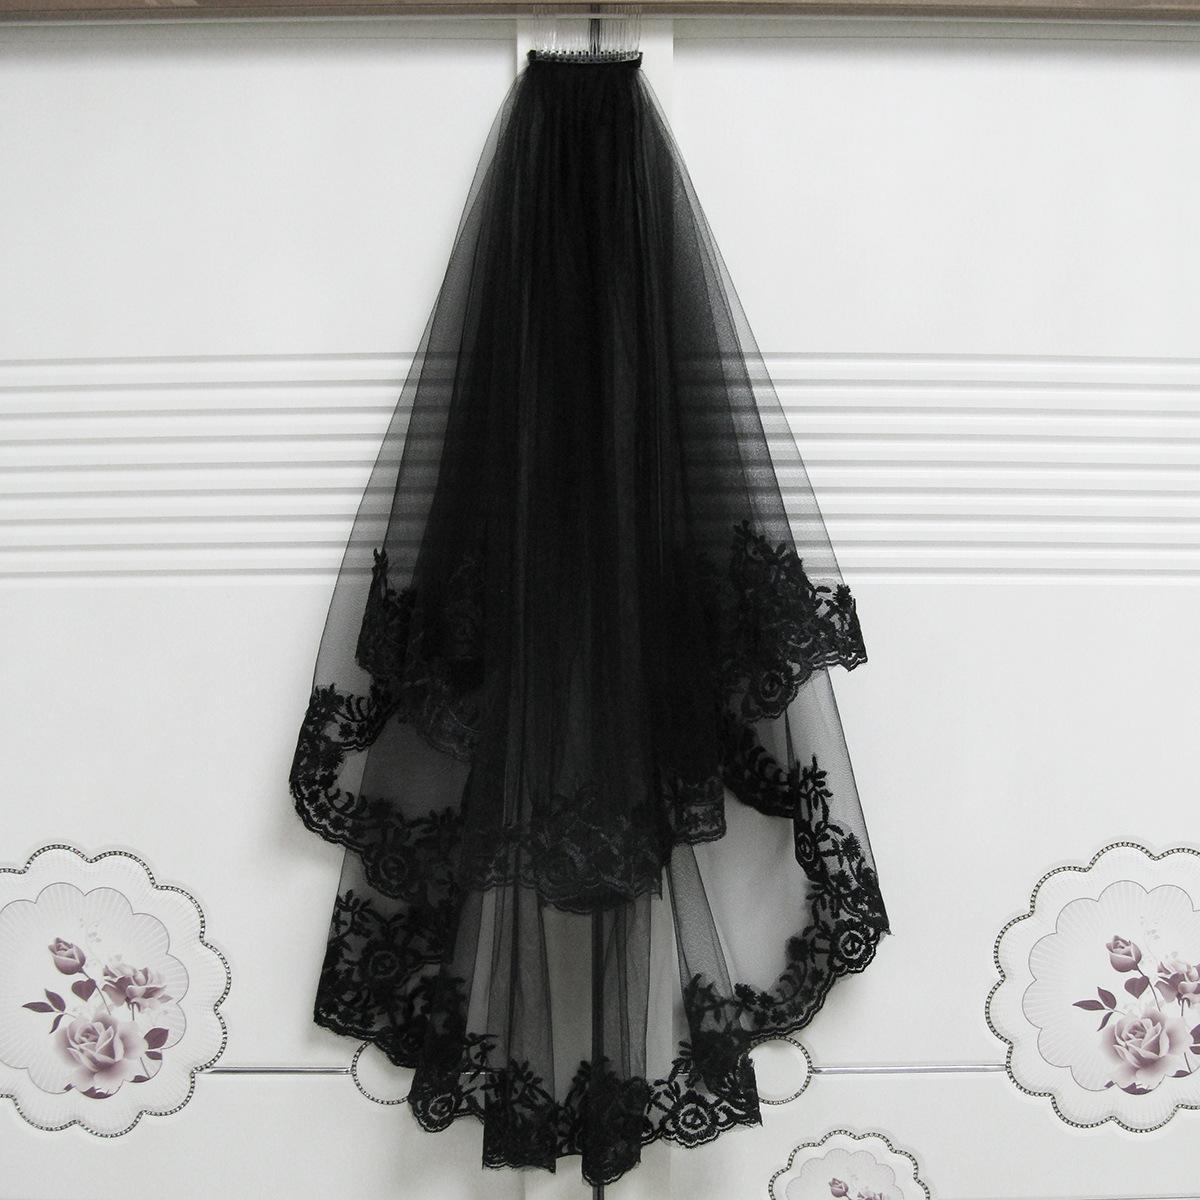 Velos negro velo de novia bruja de Halloween tocado corto velos nupciales del cordón de 2020 Velo barato Negro gótico único romántica de la boda con el peine